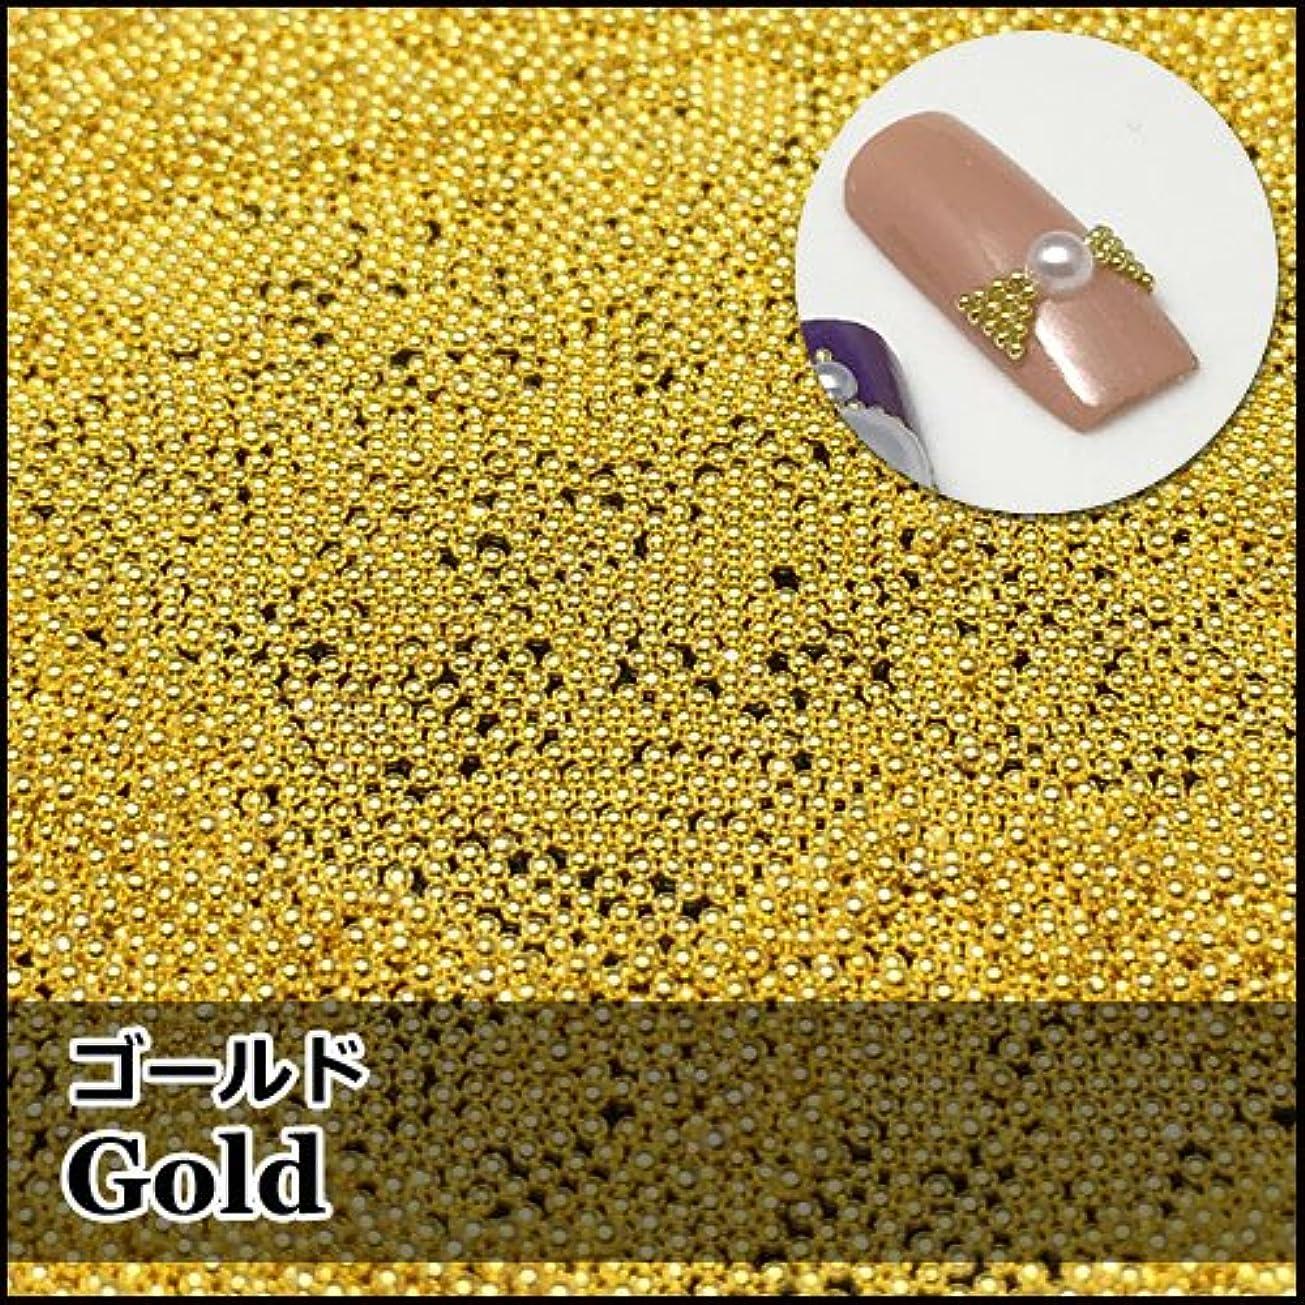 大佐連続した方法論メタリックブリオン「ゴールド」1mm×3g入り(約600粒) [並行輸入品]